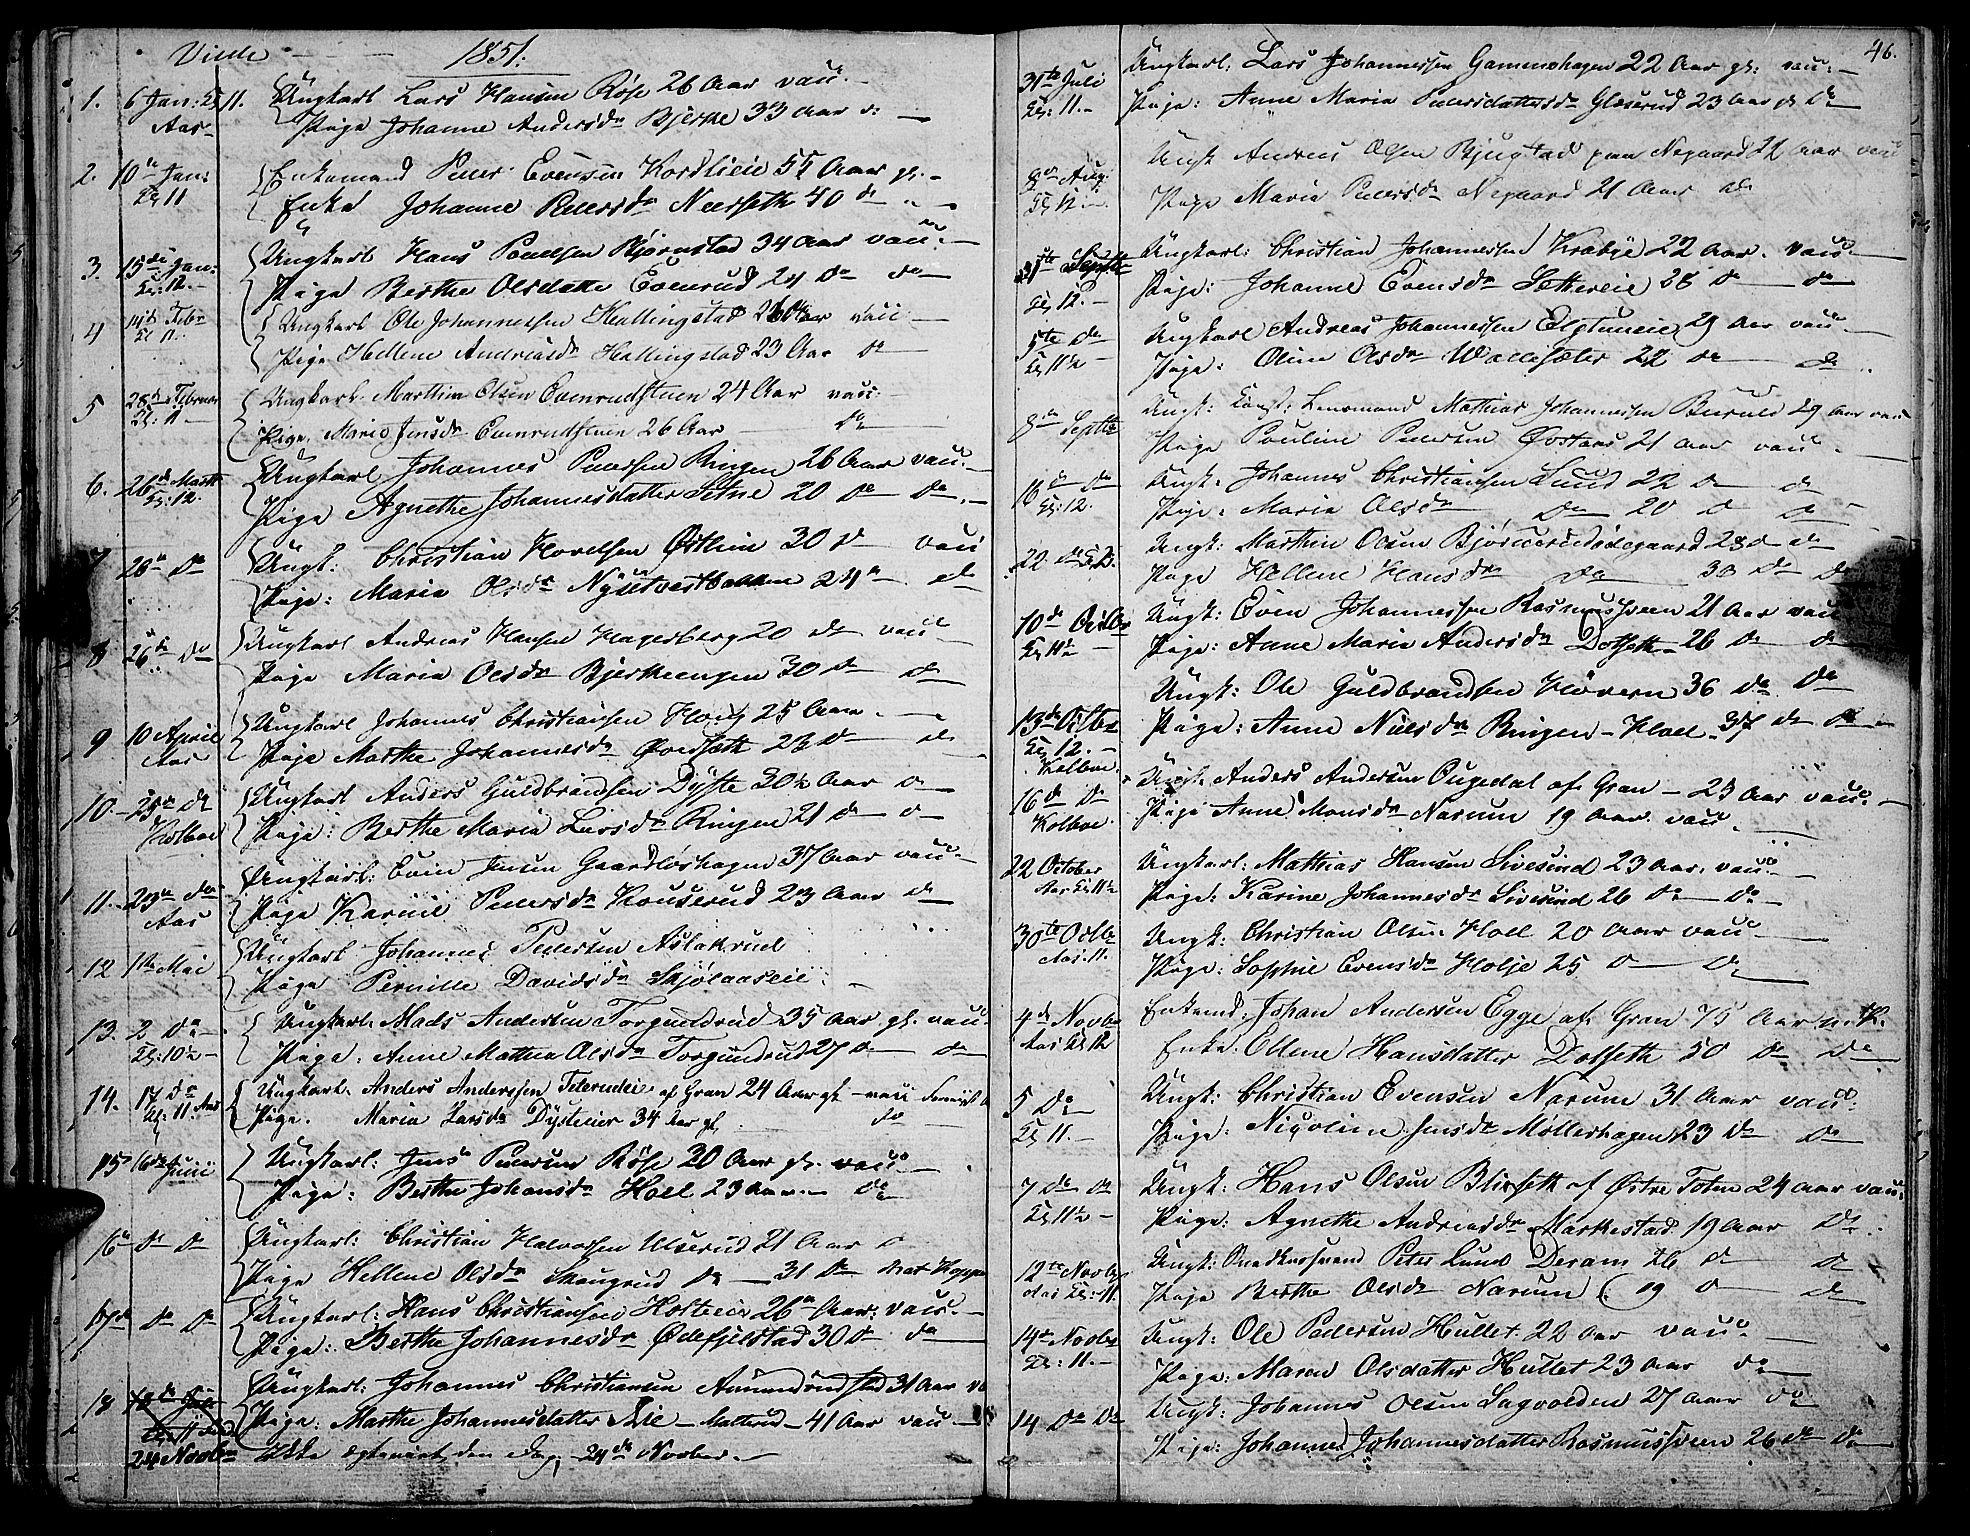 SAH, Vestre Toten prestekontor, H/Ha/Hab/L0003: Klokkerbok nr. 3, 1846-1854, s. 46